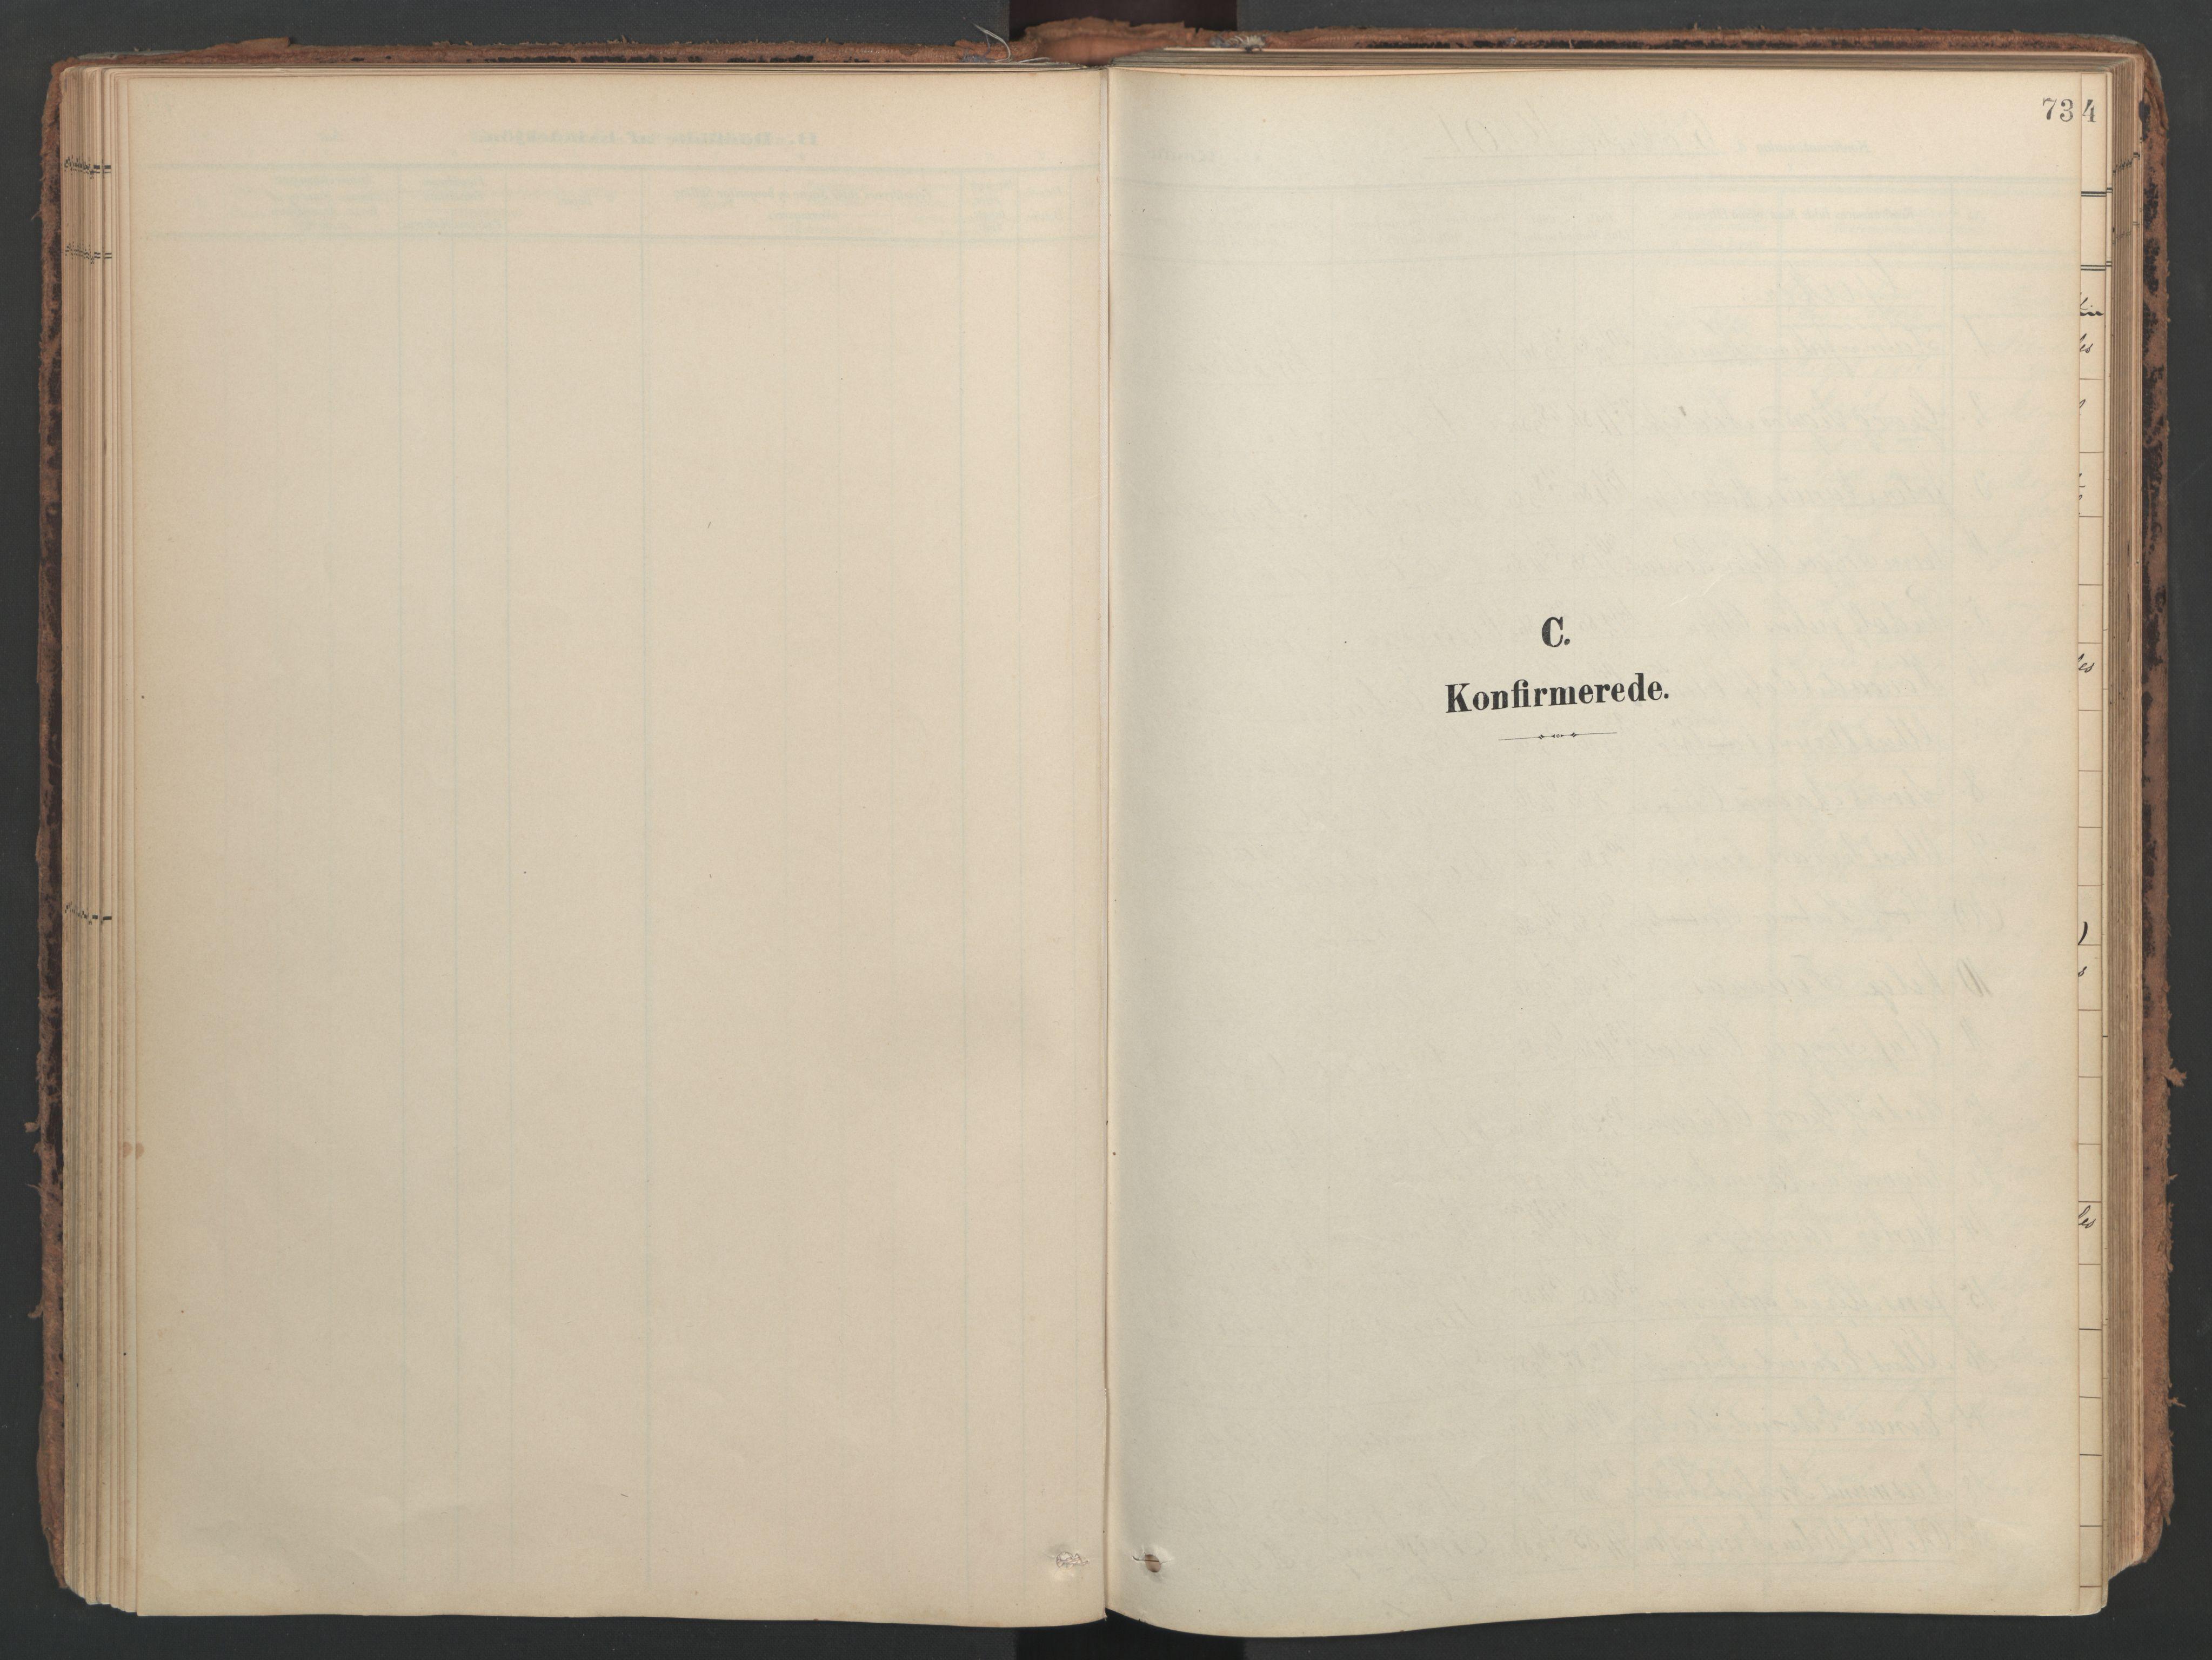 SAT, Ministerialprotokoller, klokkerbøker og fødselsregistre - Nord-Trøndelag, 741/L0397: Ministerialbok nr. 741A11, 1901-1911, s. 73